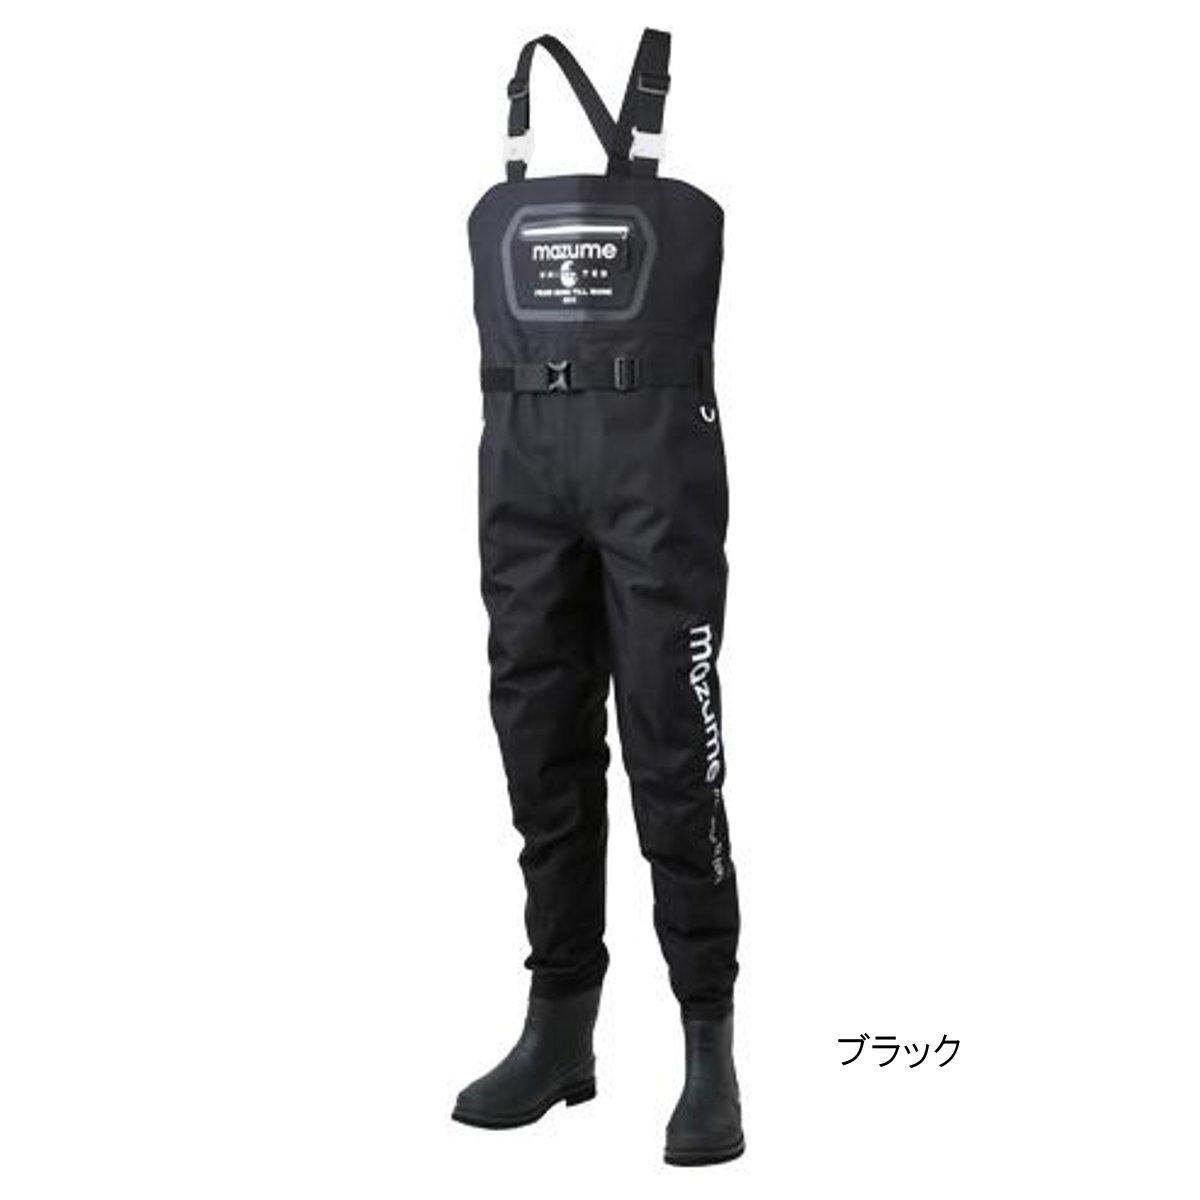 mazume ブーツフットゲームウェイダー(フェルトスパイク) MZBF-405 LL ブラック